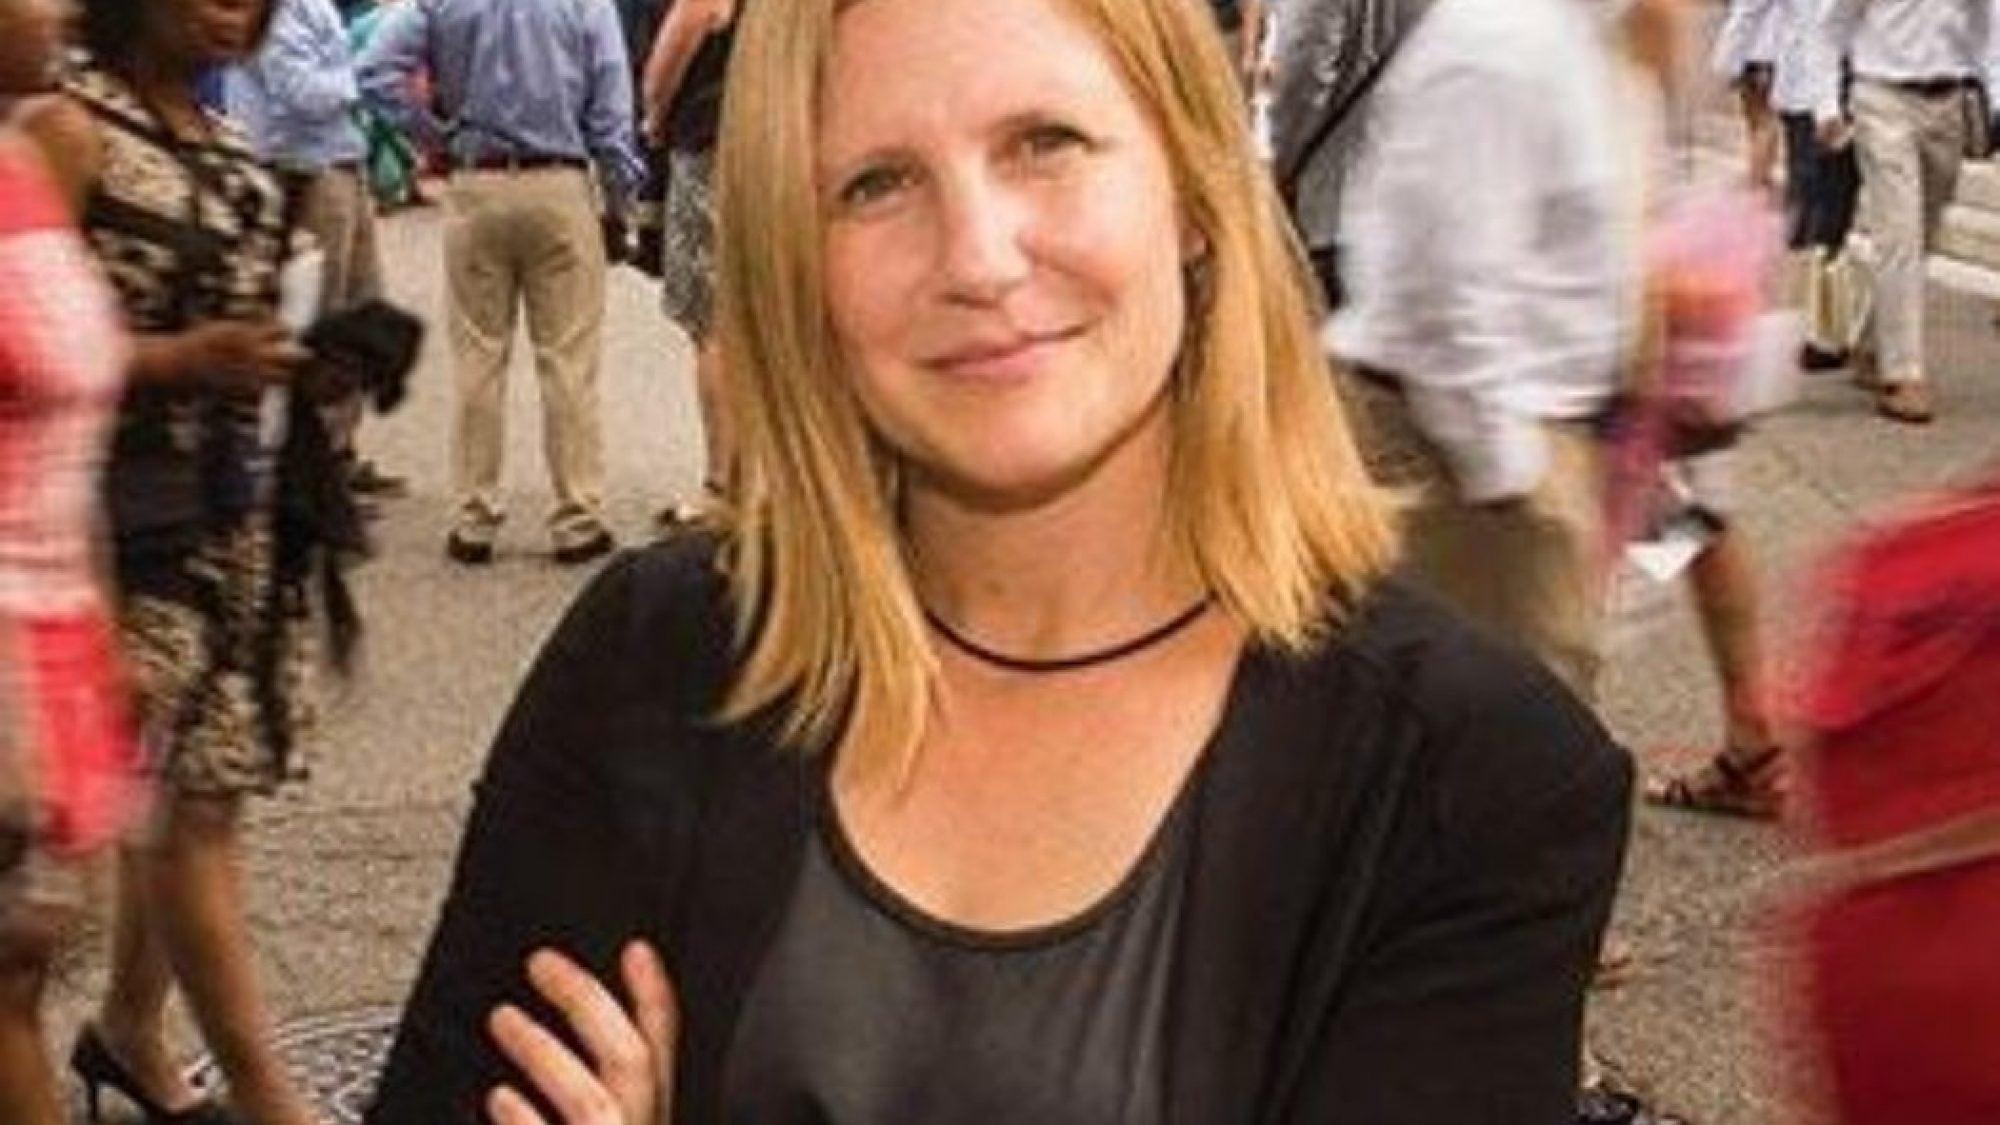 Emily Mendenhall